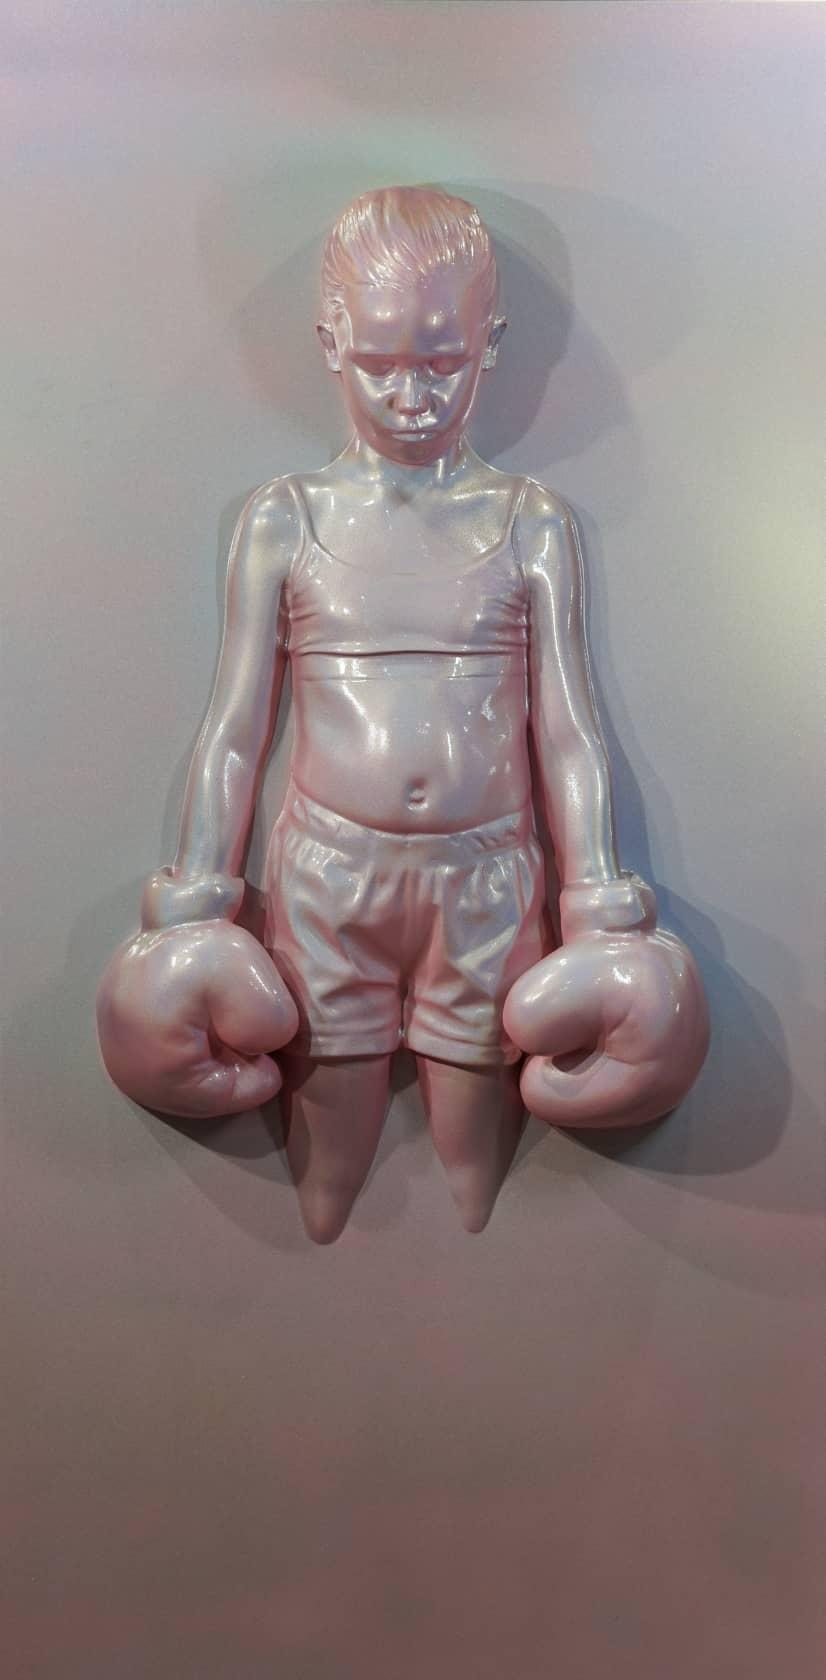 Schoony, Panel Bruiser (Bubblegum Pink), 2021